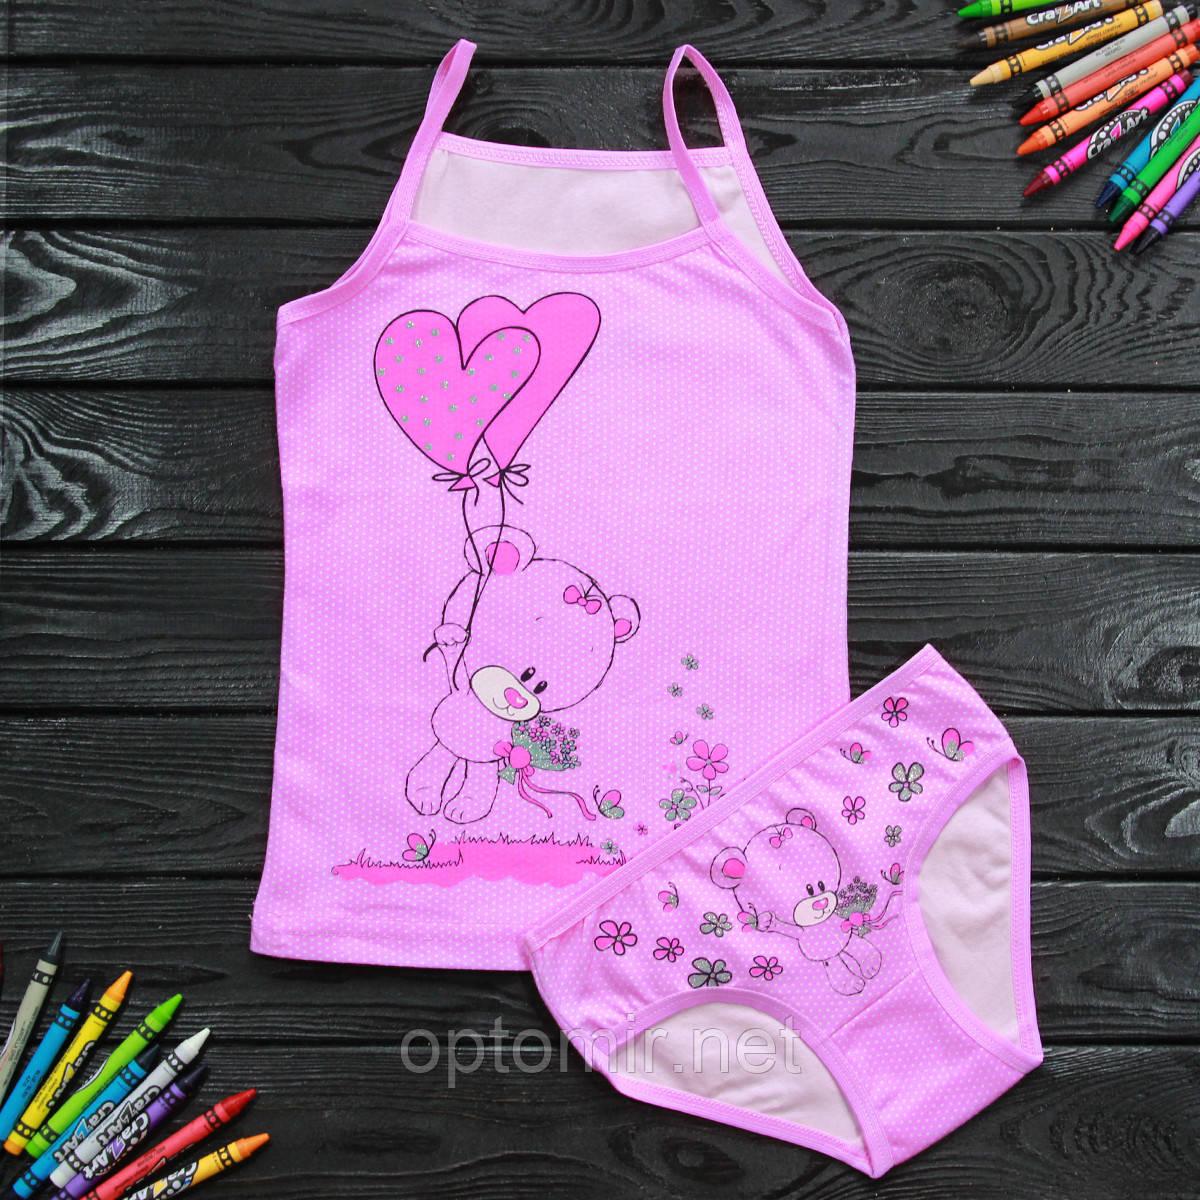 Комплект дитячий Donella з мишком рожевий для дівчинки на 6/7 років